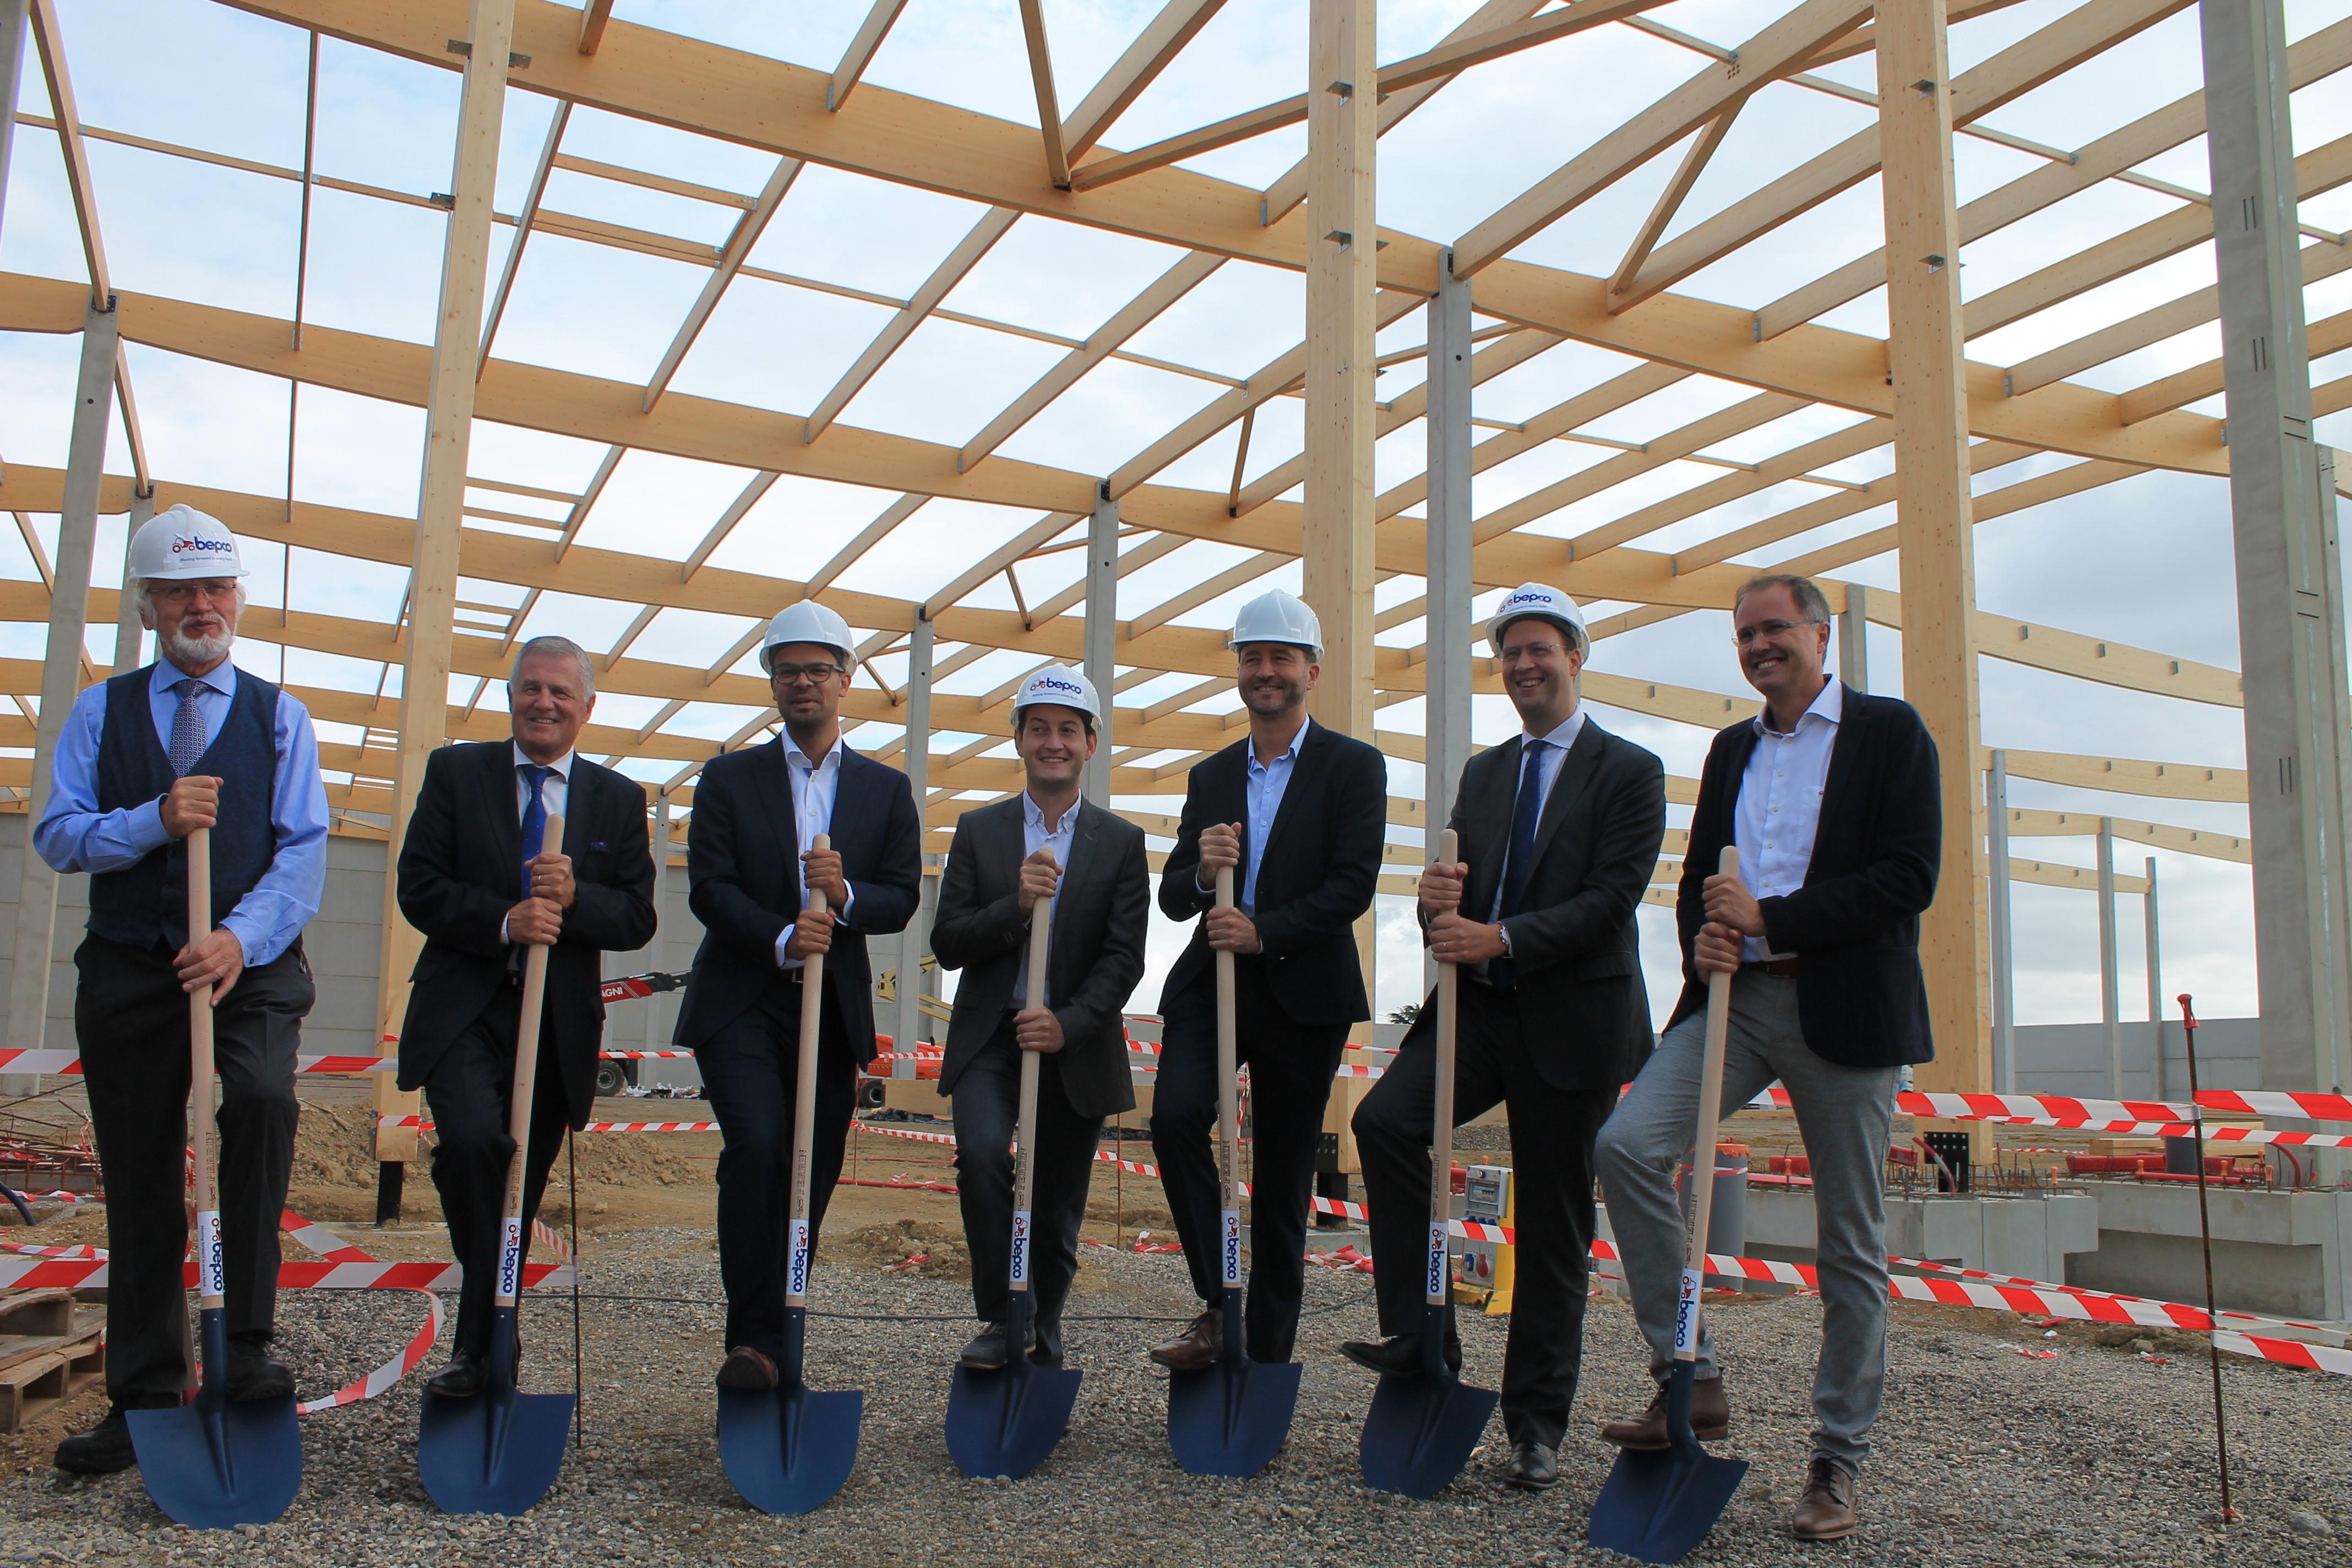 Le nouveau siège des activités du groupe Bepco en France prend forme